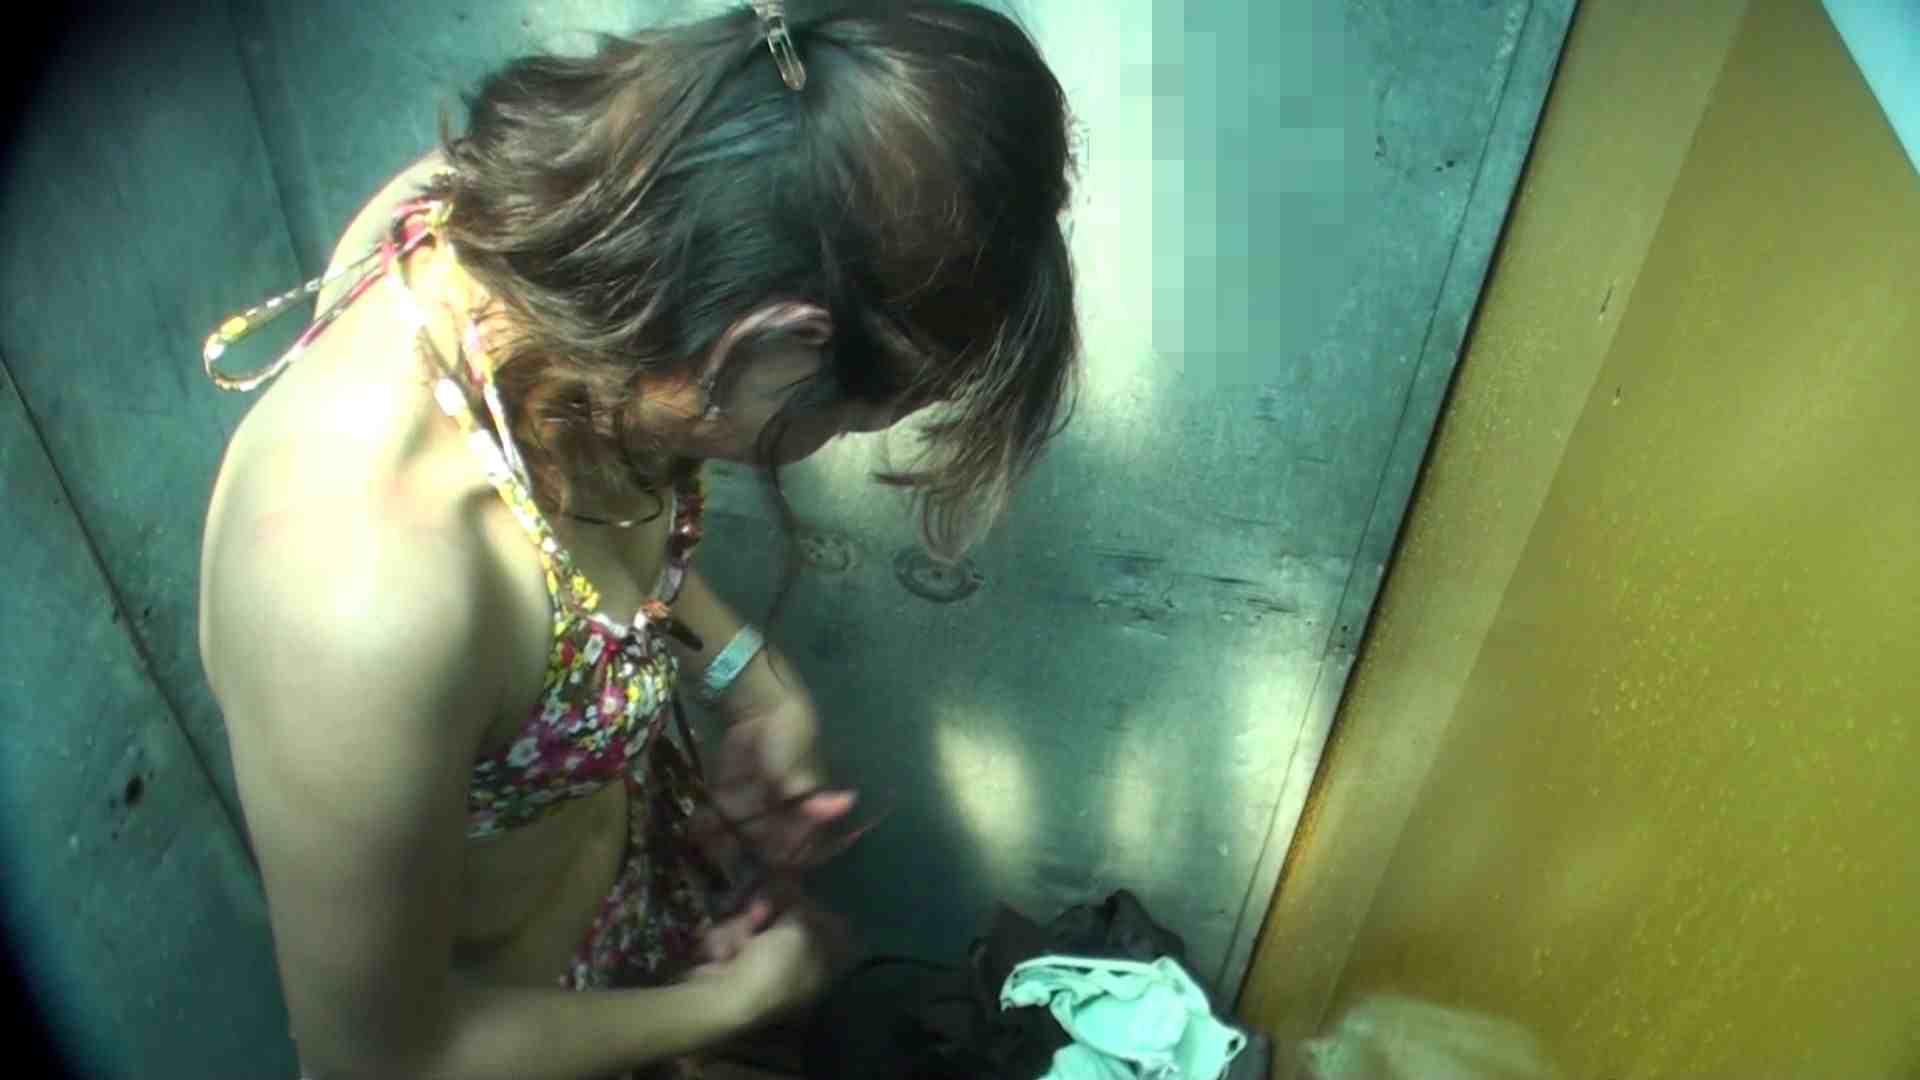 シャワールームは超!!危険な香りVol.16 意外に乳首は年増のそれ 乳首ポロリ | OLセックス  108画像 53